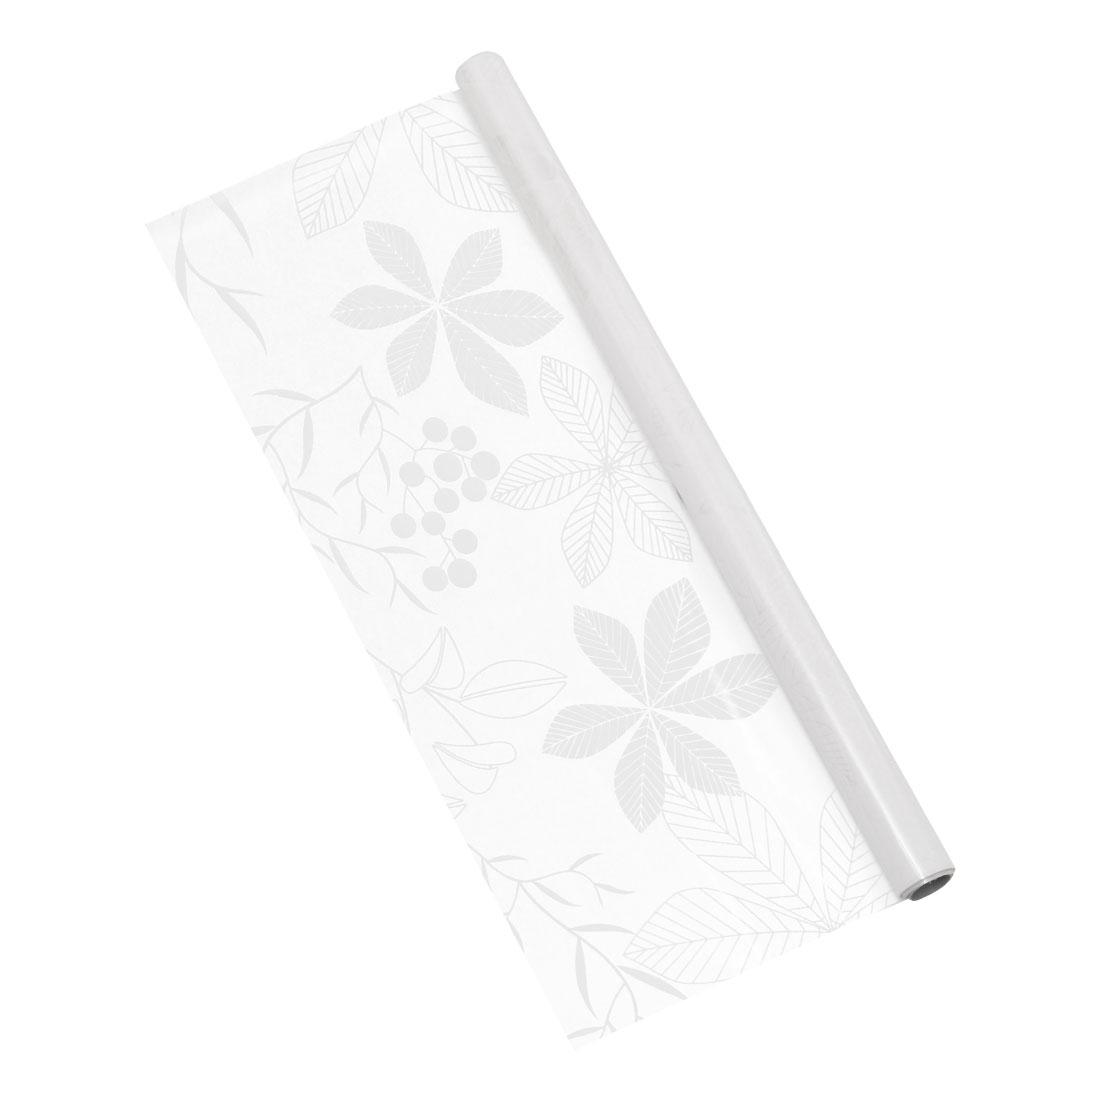 PVC 78.7 x 17.7 Inch Anti UV Window Film Sticker White Leaf